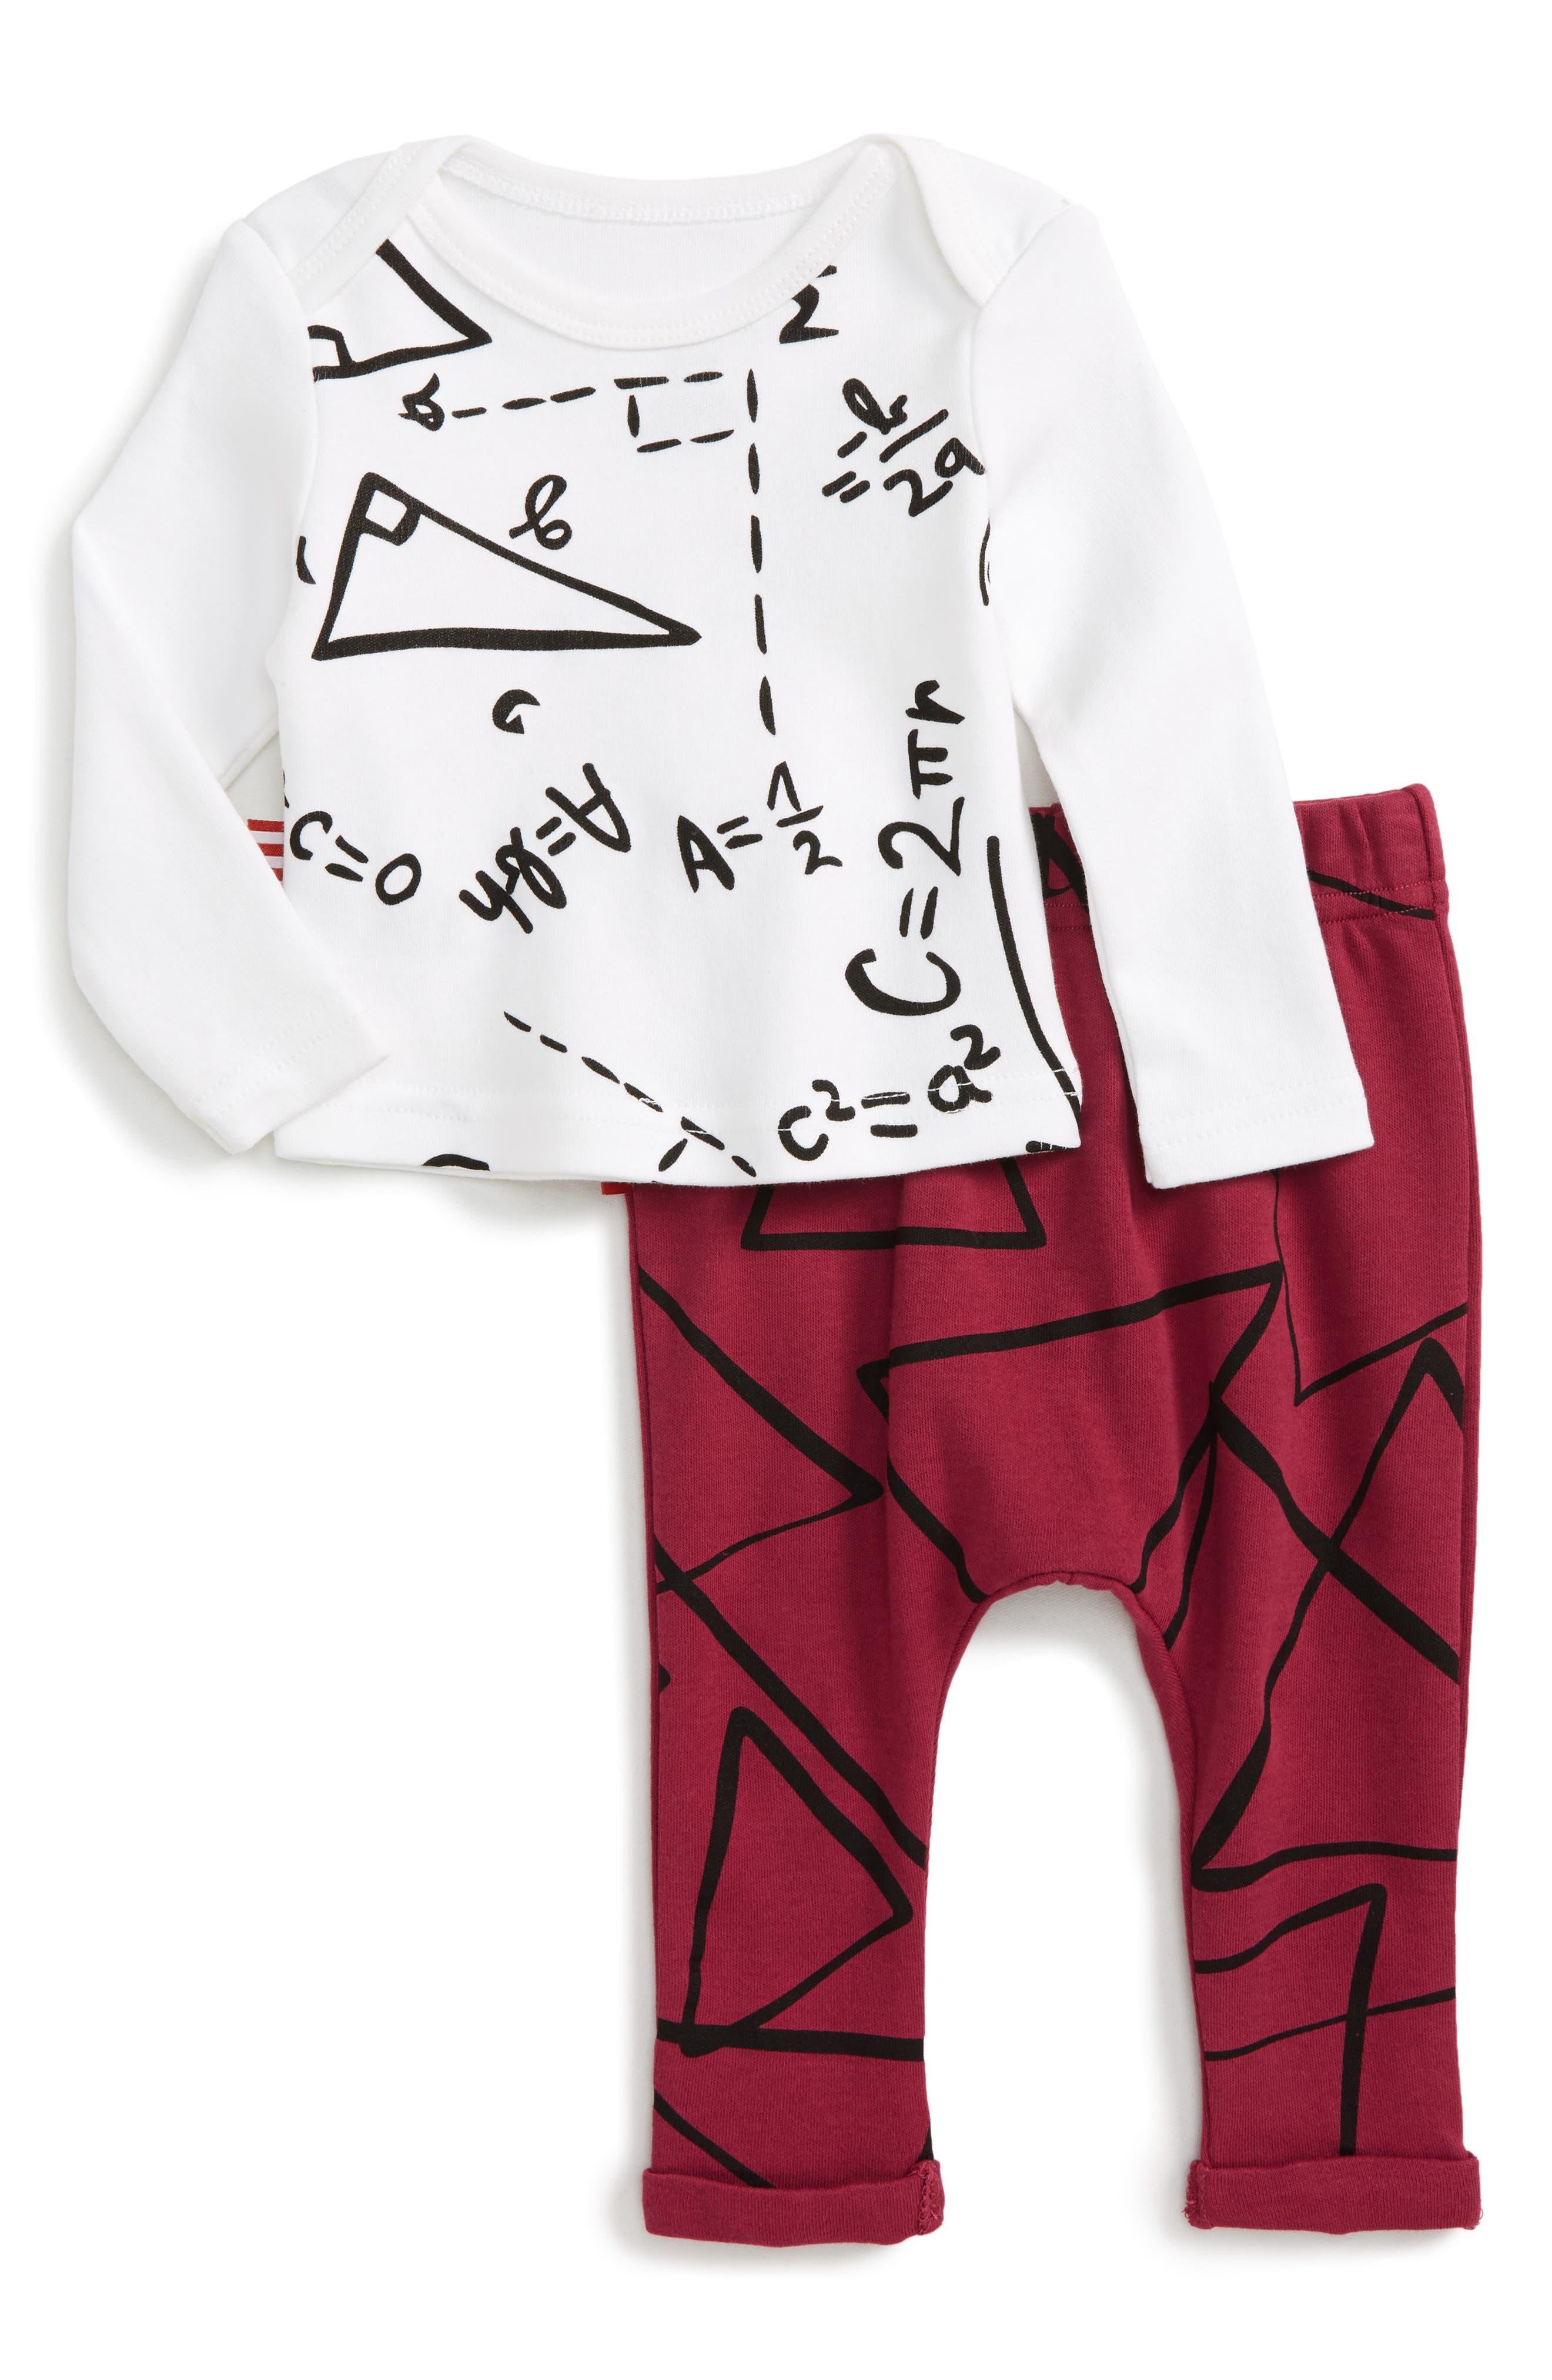 Genius at Work Tee & Pants Set,                         Main,                         color, 199